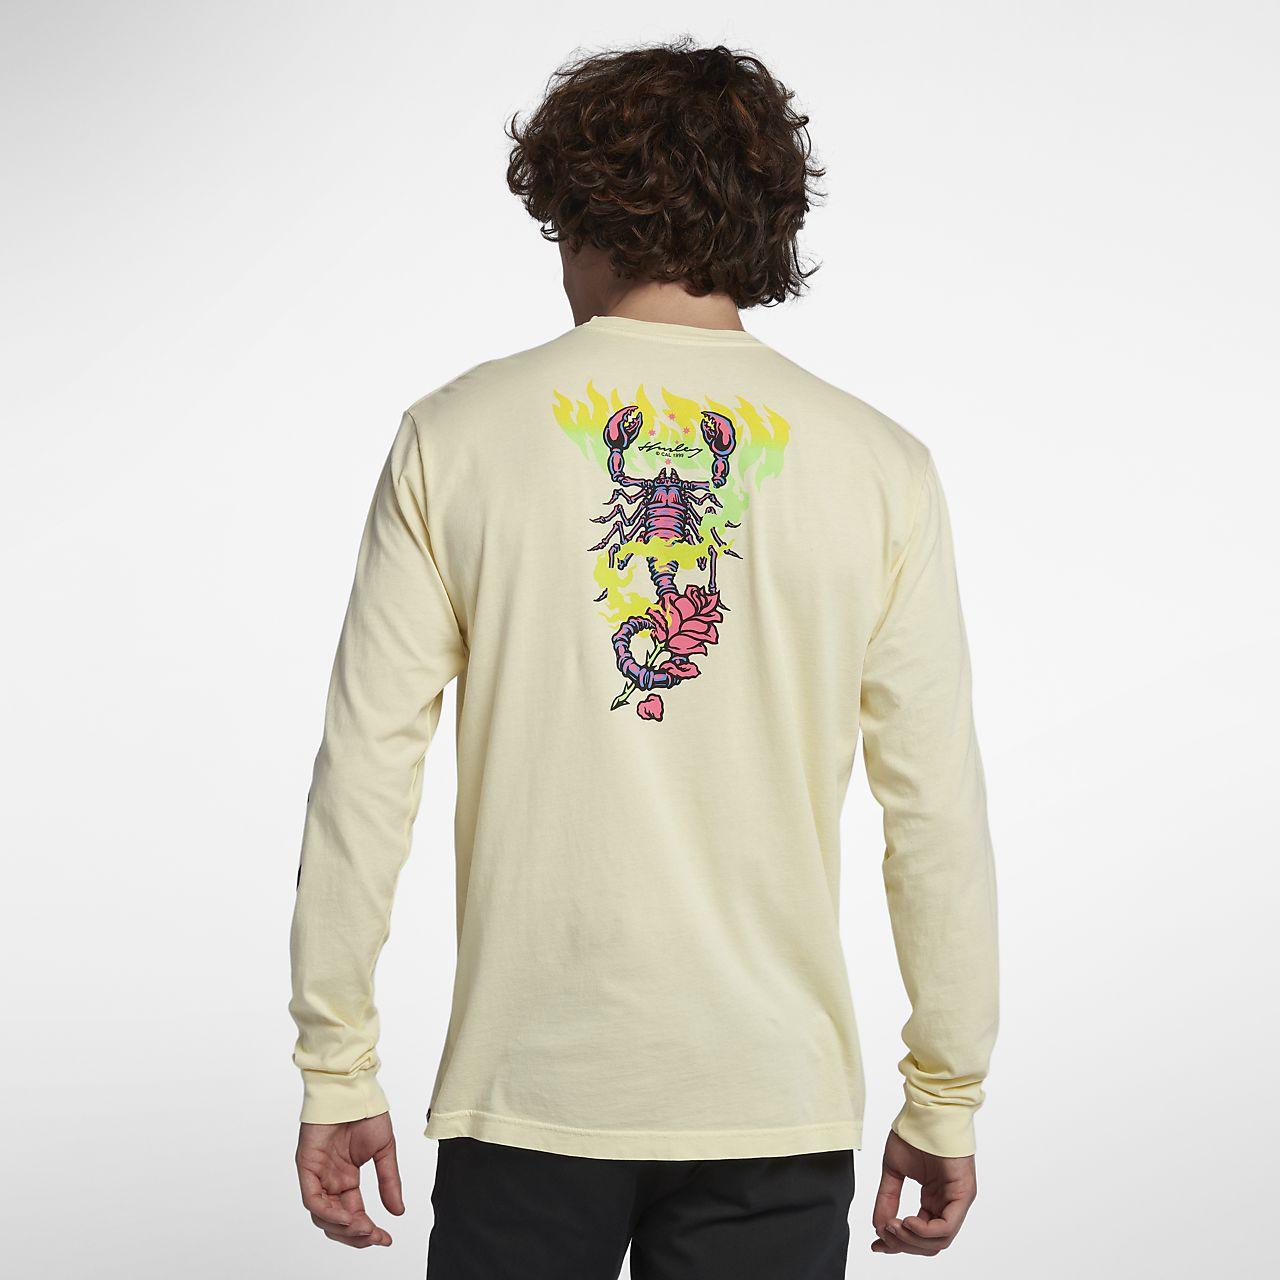 Camisola de manga comprida Hurley Team Wilson para homem